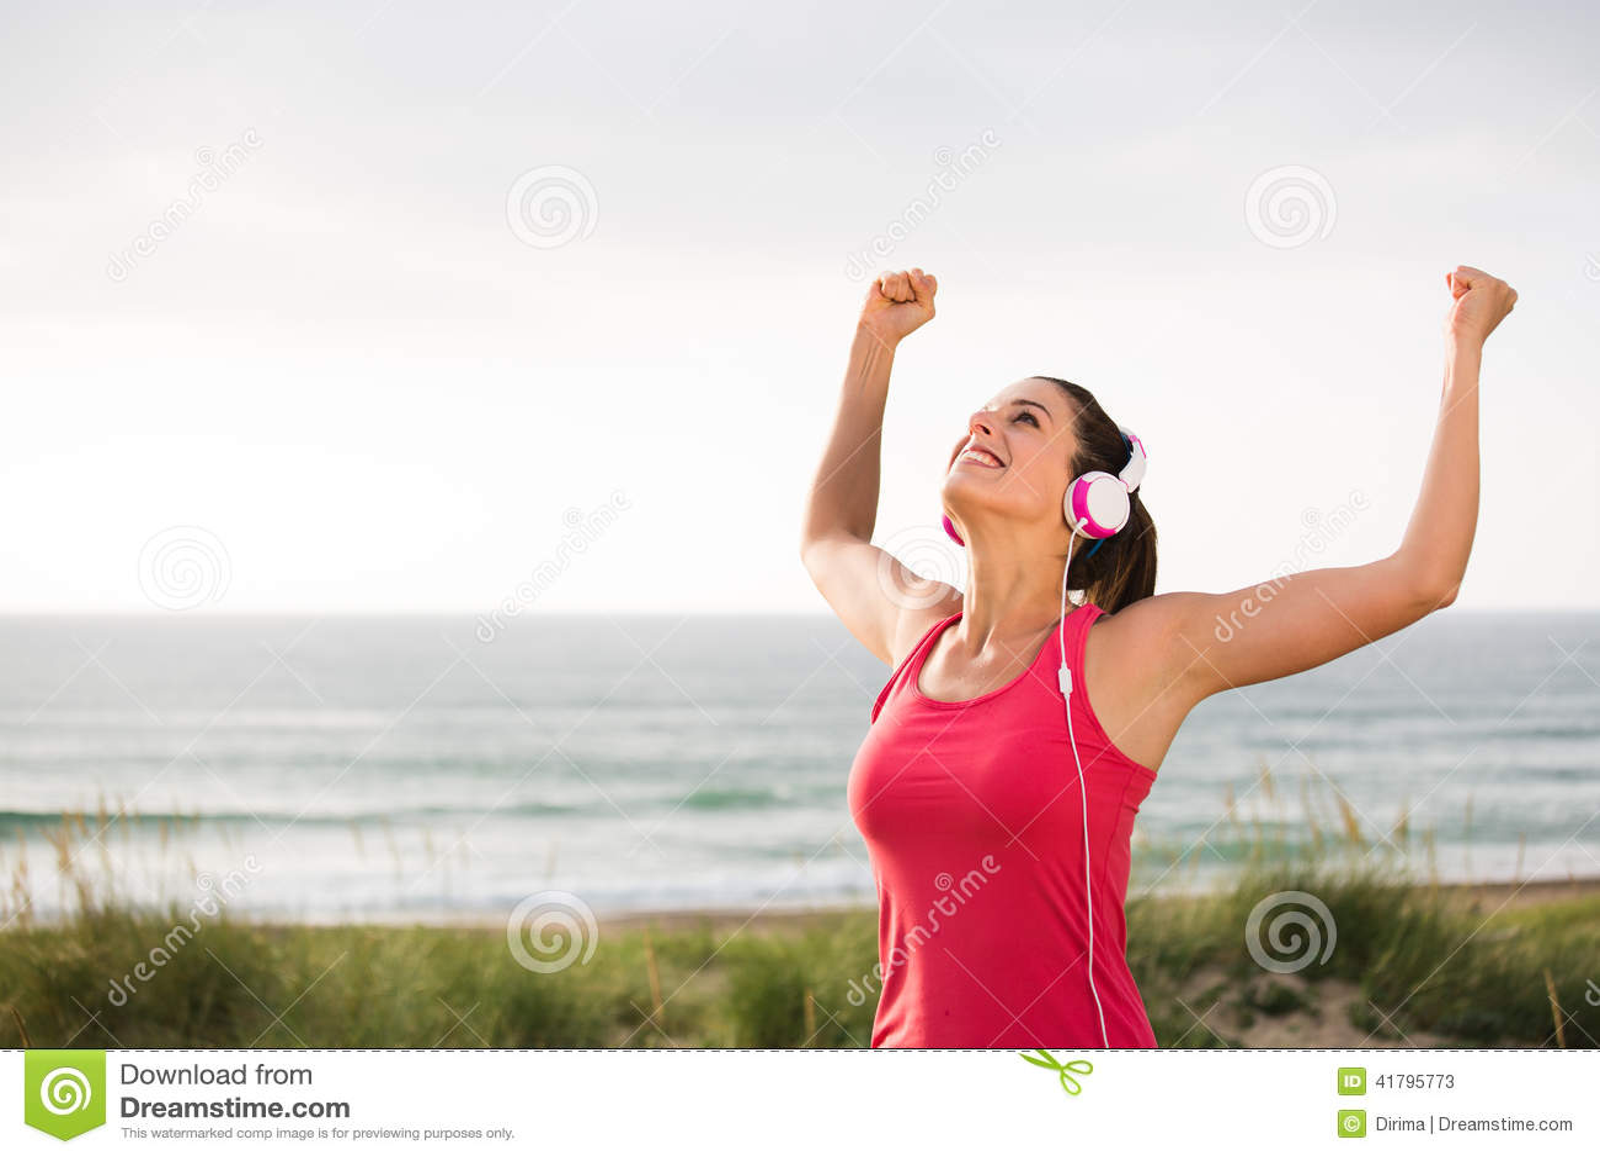 庆祝健身目标的女性成功的运动员 库存照片 - 图片